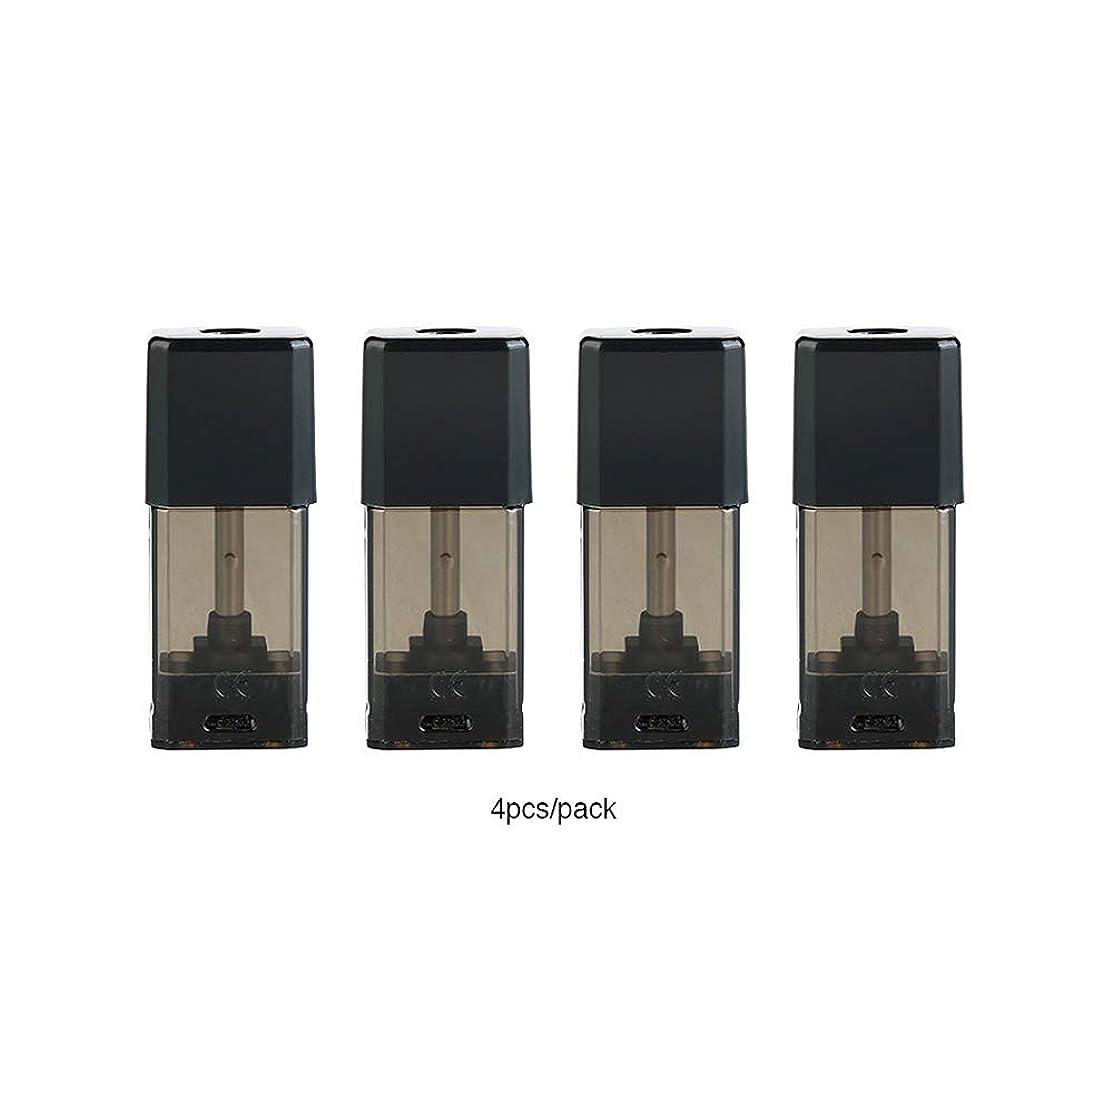 華氏行動うなるAuthentic VOOPOO DRAG Nano Pod Cartridge 1.0ml (4pcs/pack) 【正規品】電子タバコセット 電子タバコ弾(4つ/箱)